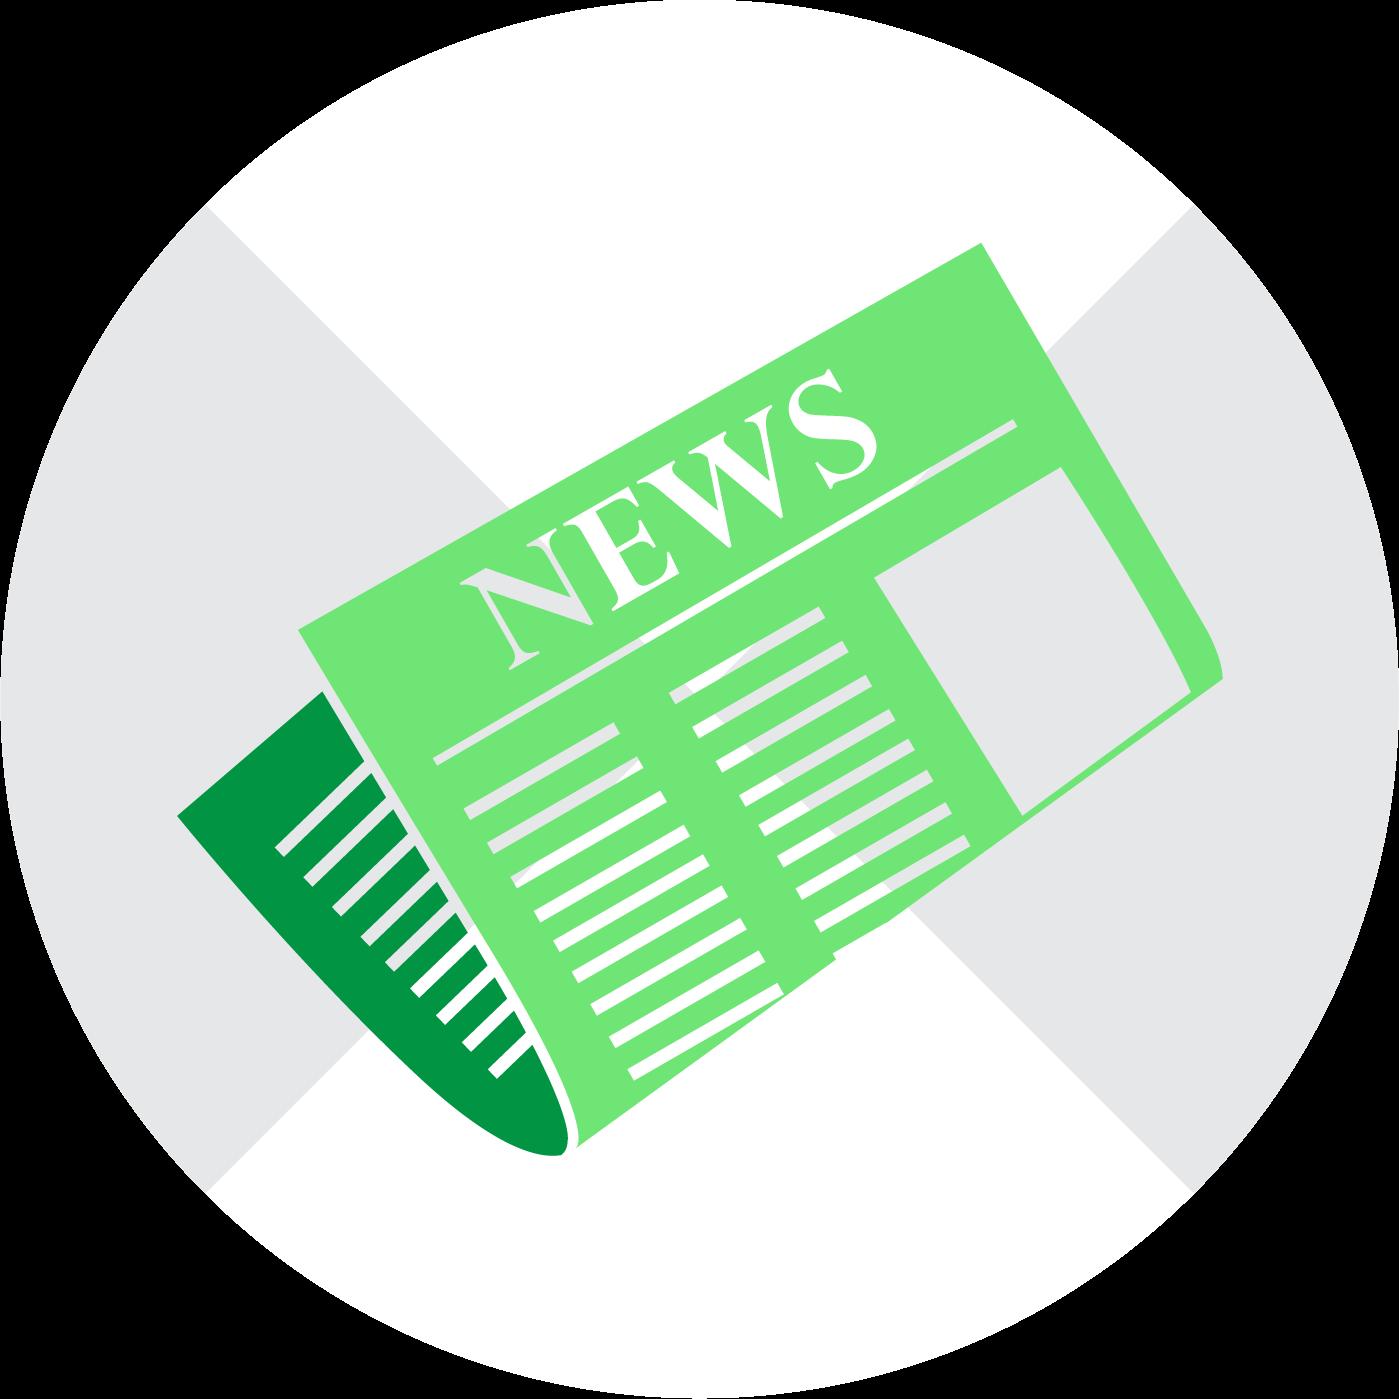 News retina